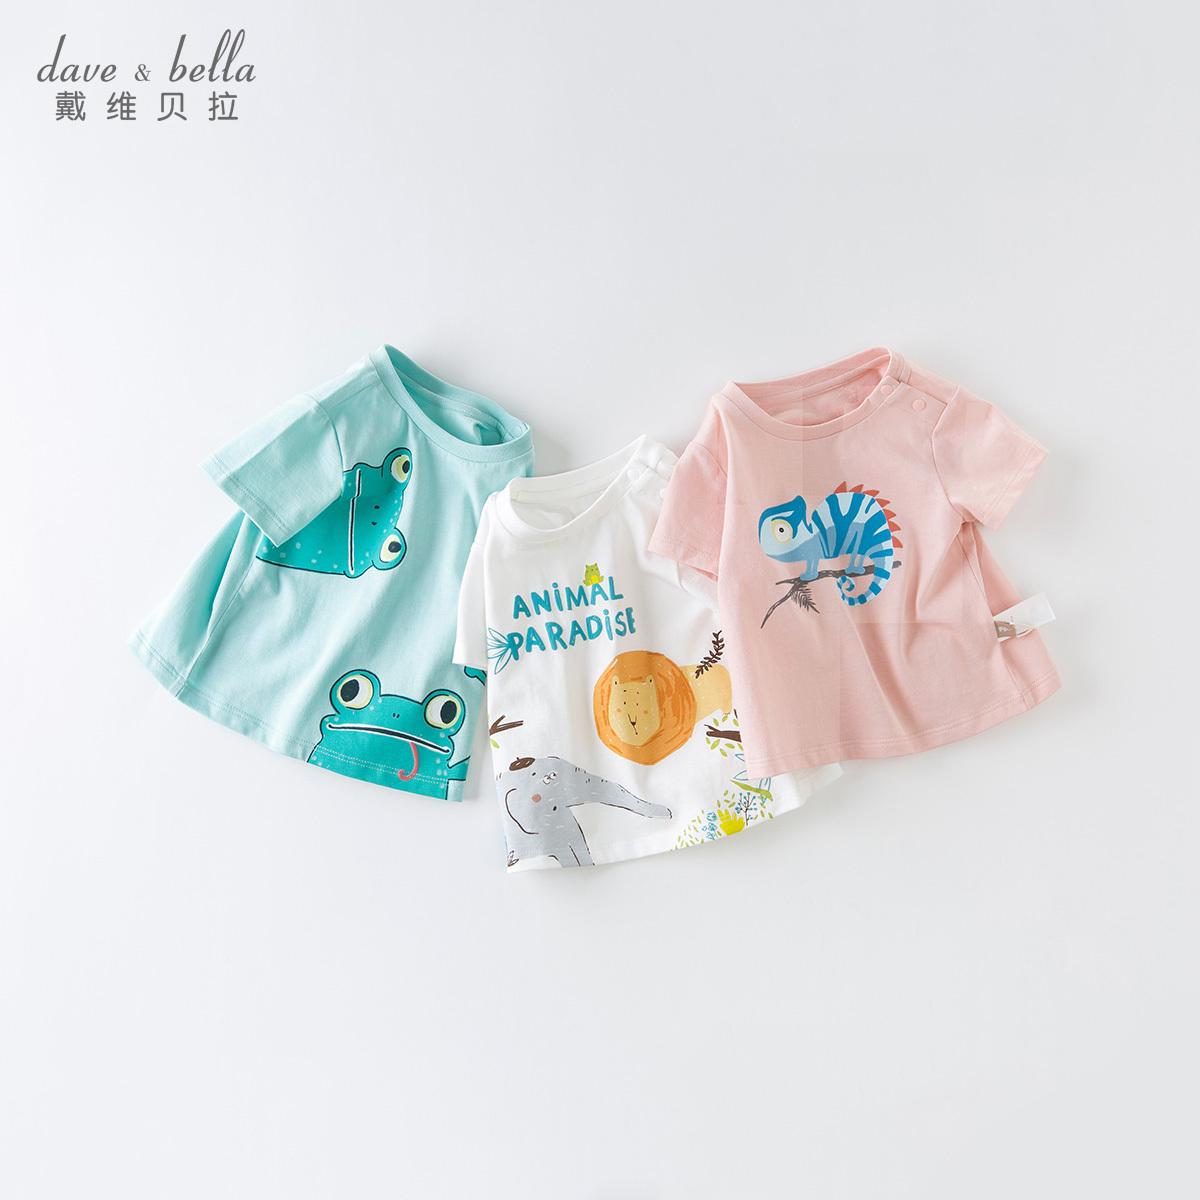 戴维贝拉女童儿童T恤夏季婴儿短袖纯棉男童宝宝半袖上衣薄款童装